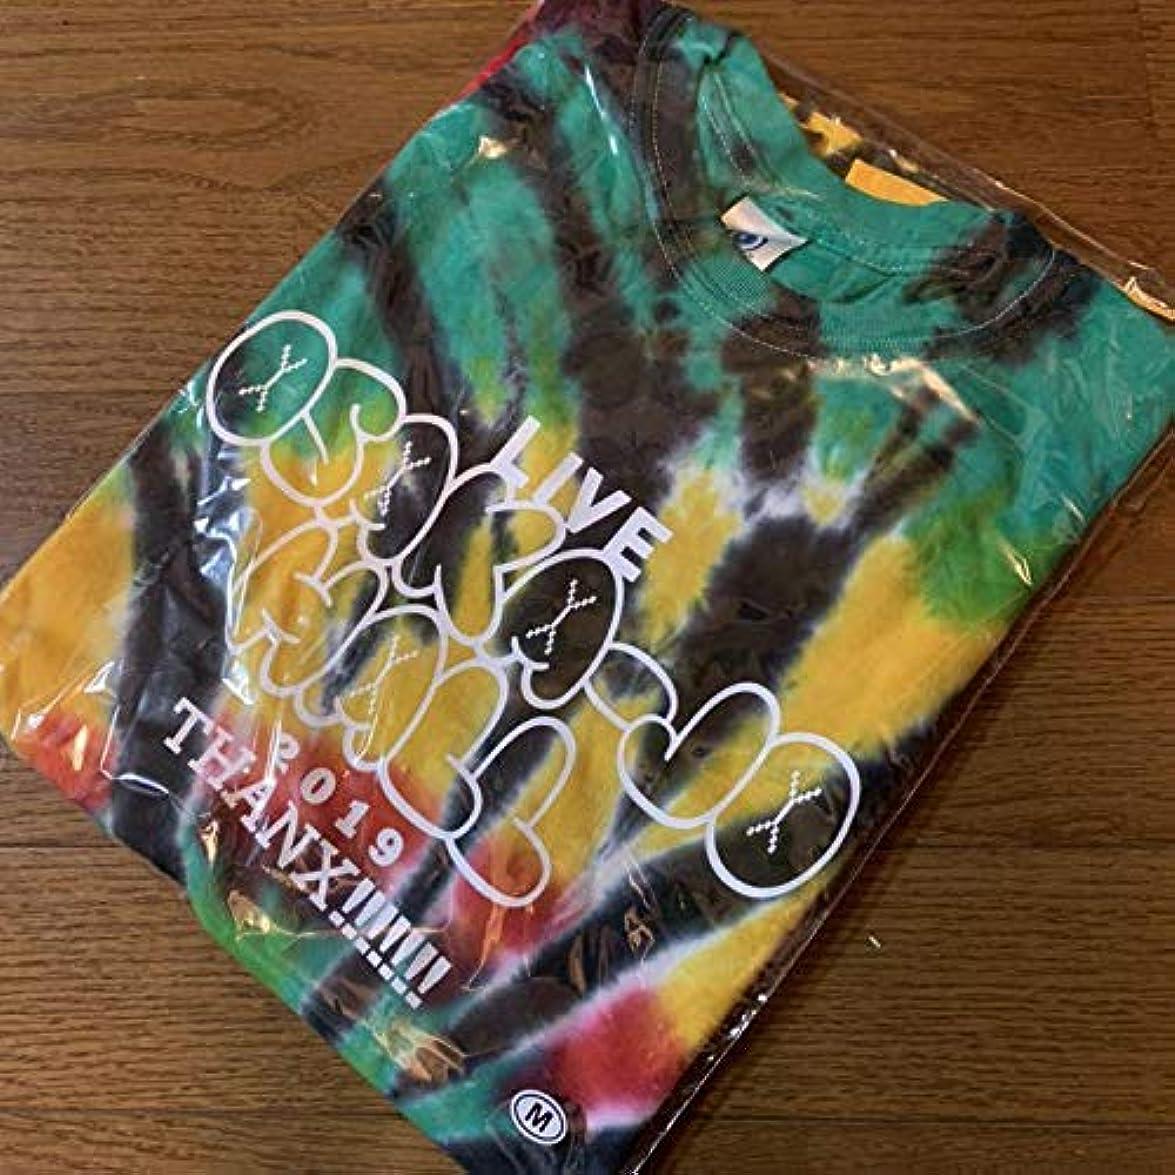 革命同種のつまらないDA PUMP THANX城ホ限定Tシャツ M